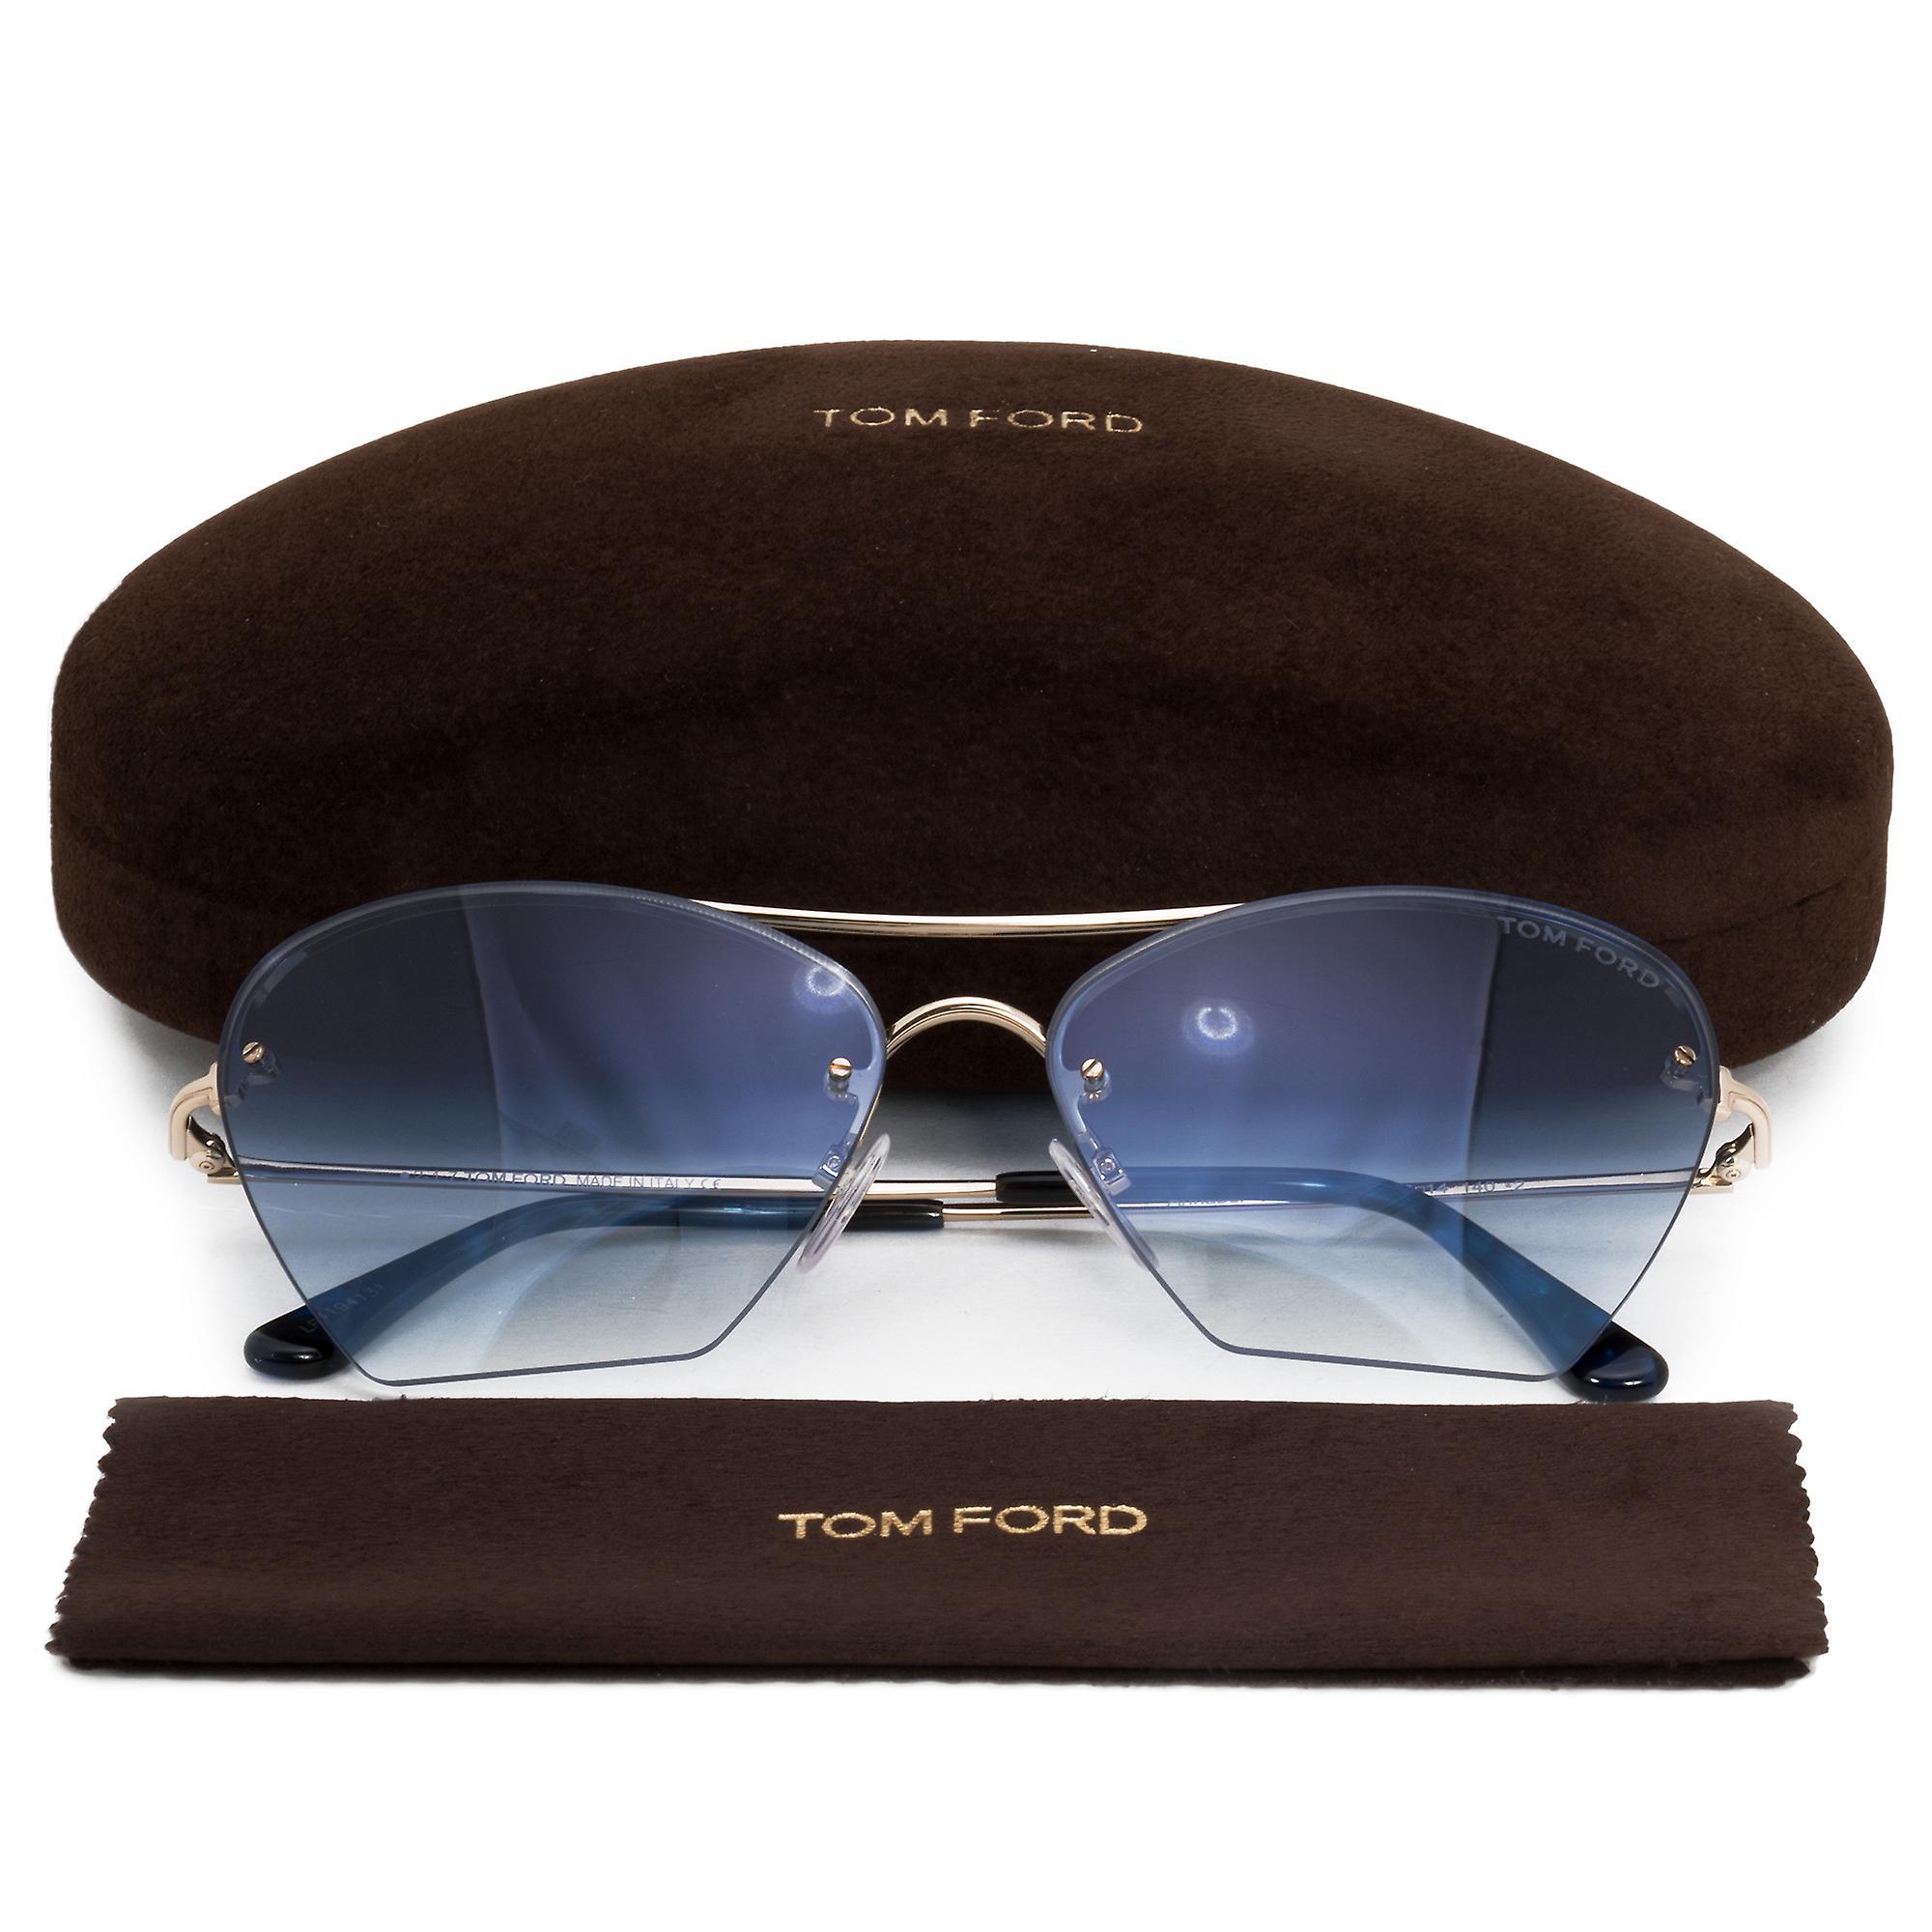 Tom Ford Annabel Aviator Sunglasses FT0507 28W 58 | Rose Gold Frames | Blue Gradient Lenses